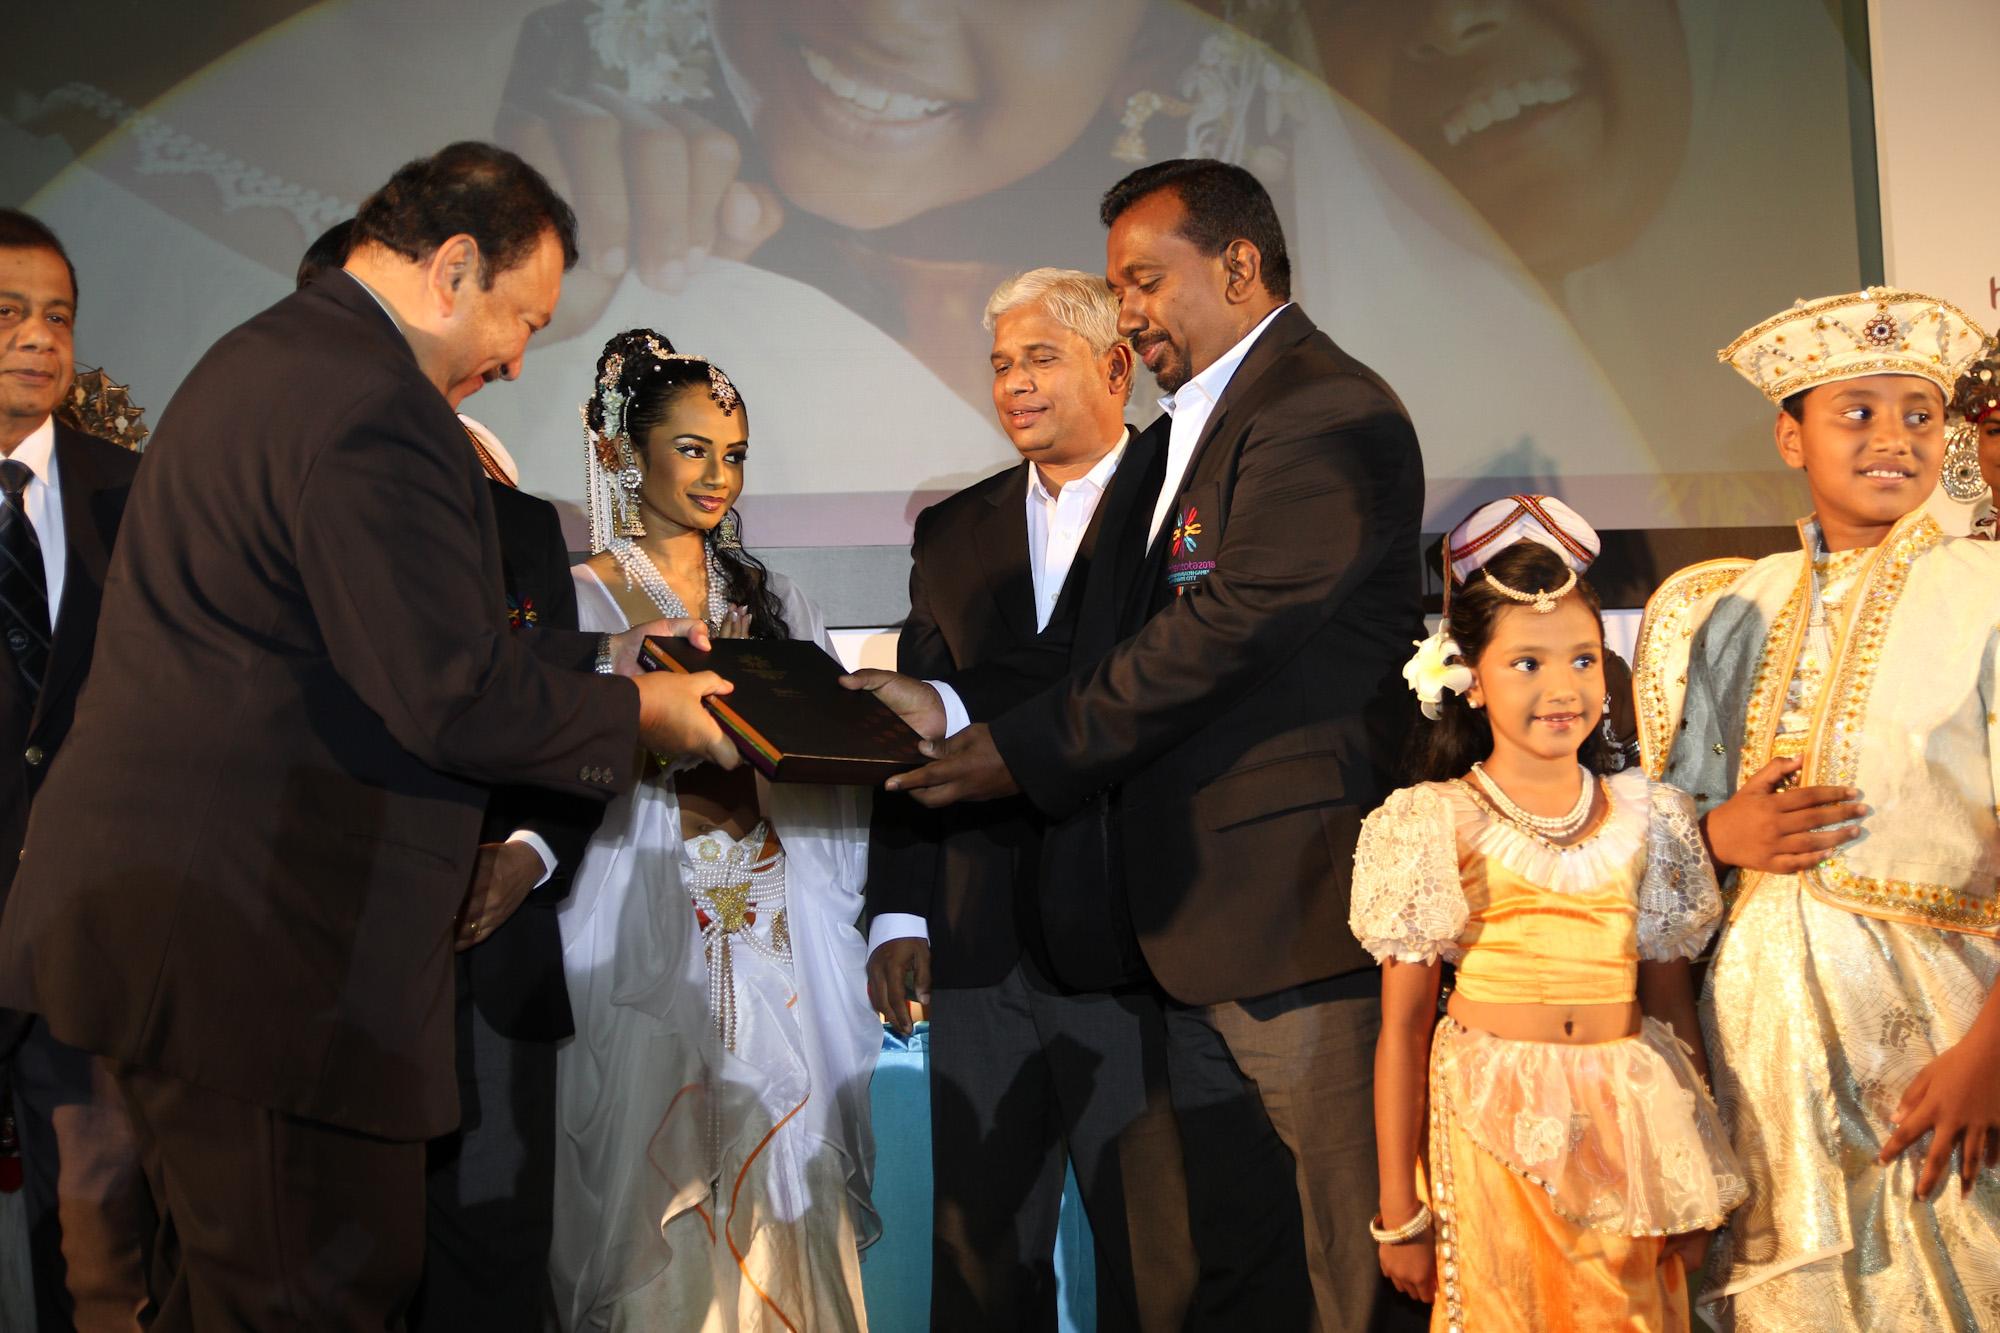 Mahindananda_Aluthgamage_at_Commonwealth_Games_handover_Kuala_Lumpur_May_2011